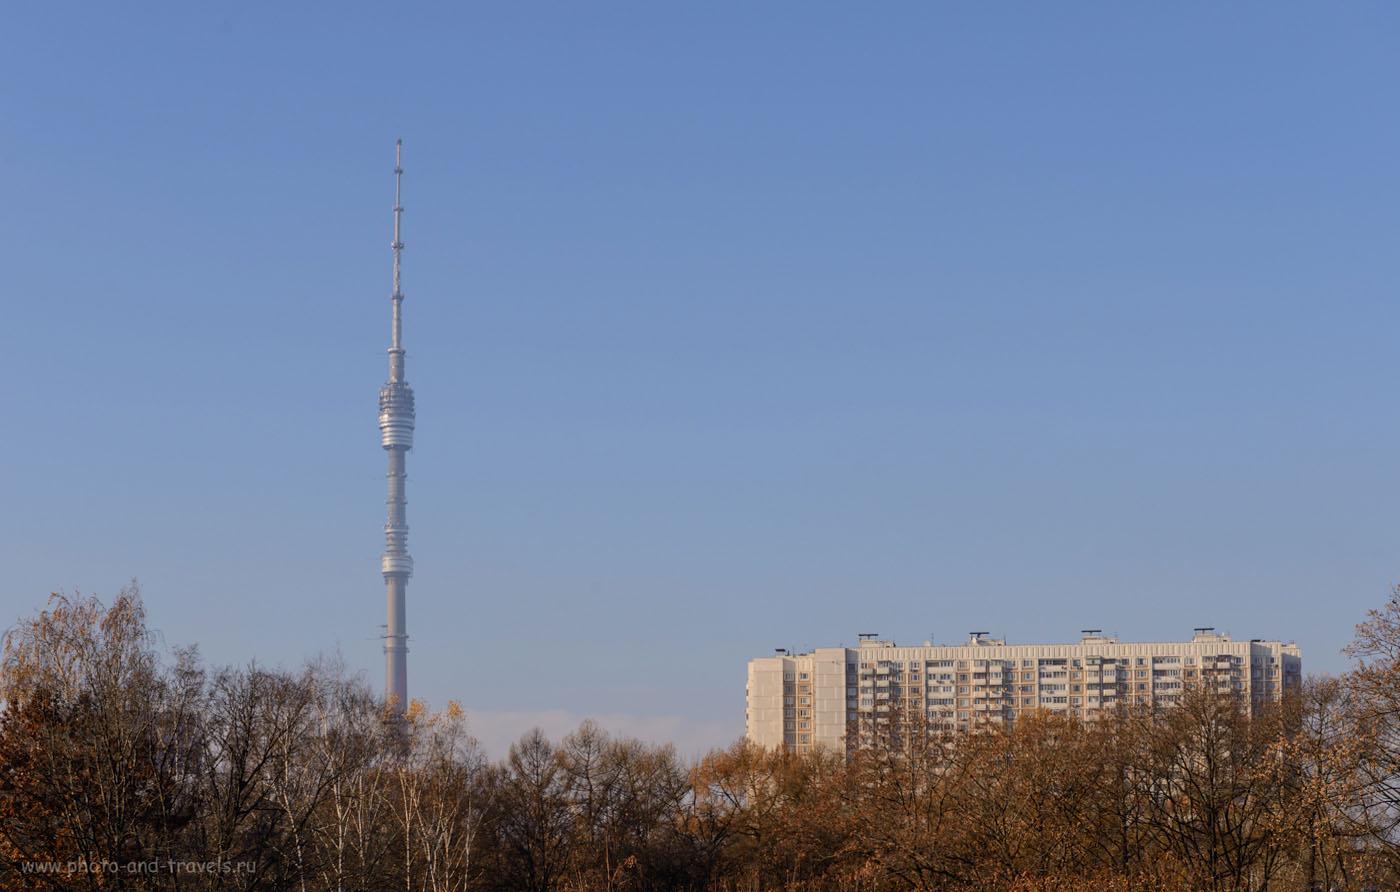 Фотография 3. Останкинская телебашня в Москве имеет высоту 540,1 метра и считается 8-м в мире сооружением по высоте. 1/250, 9.0, 100, 70.